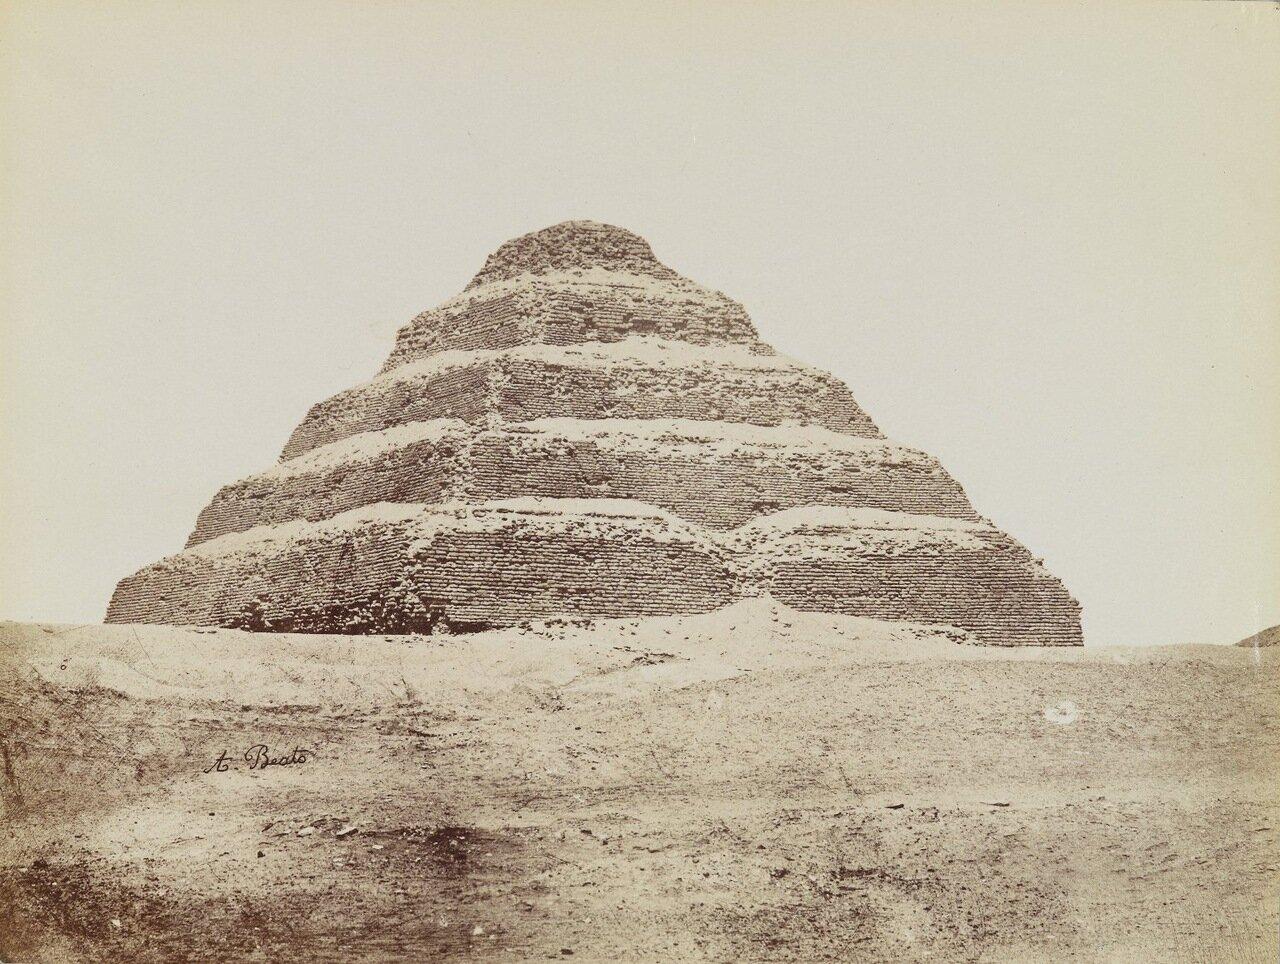 Пирамида в Саккаре (Вид с юго-востока на ступенчатую пирамиду)